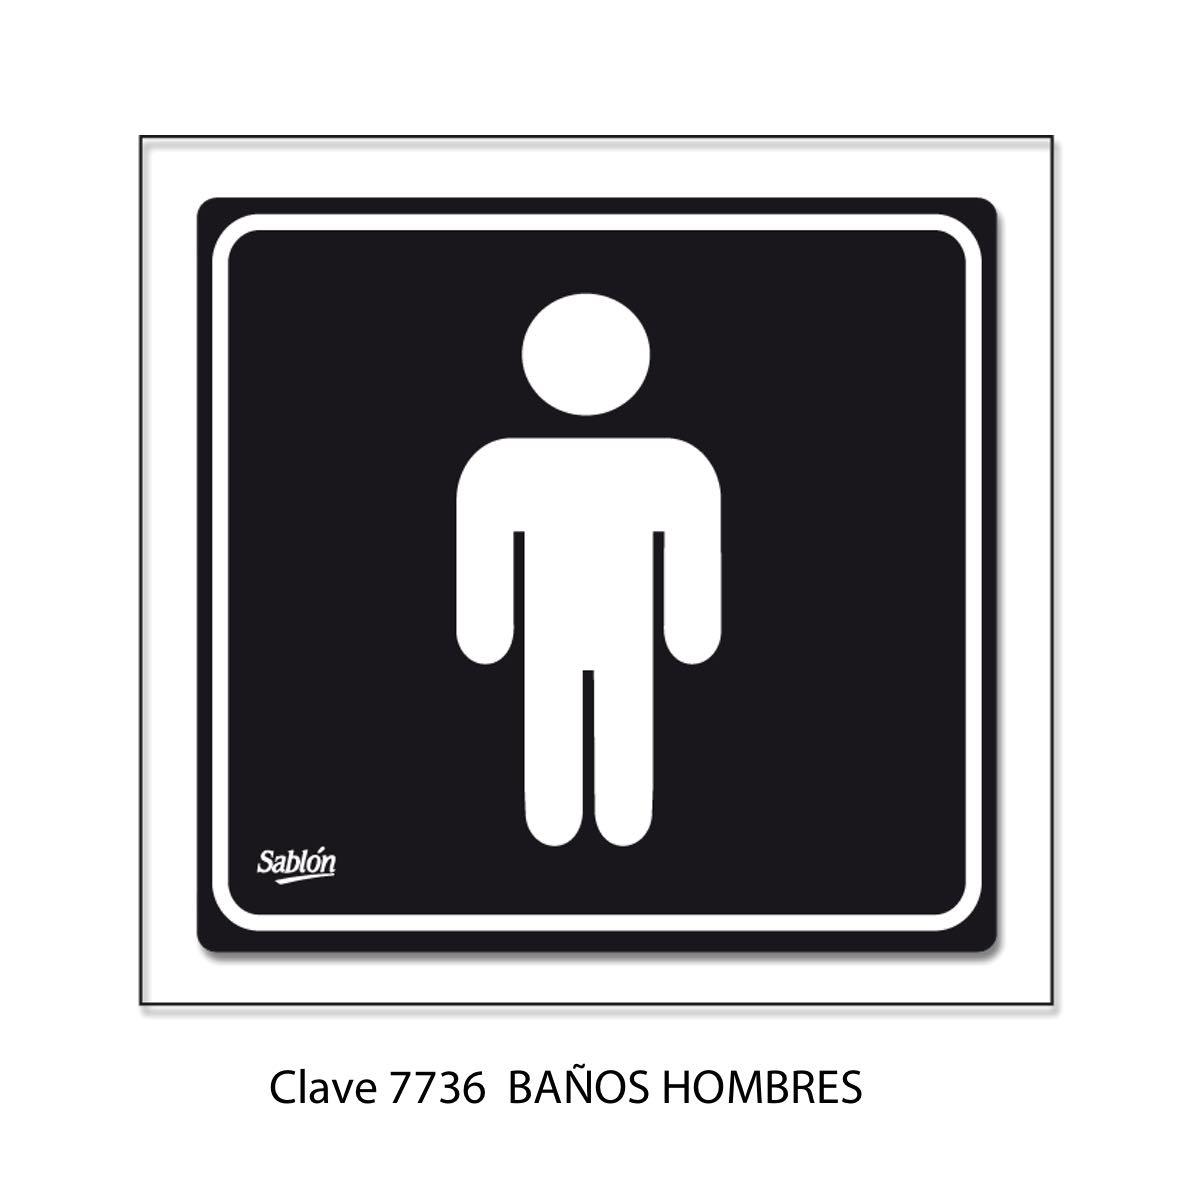 Señal Baños hombres Modelo 7736 - Sablón